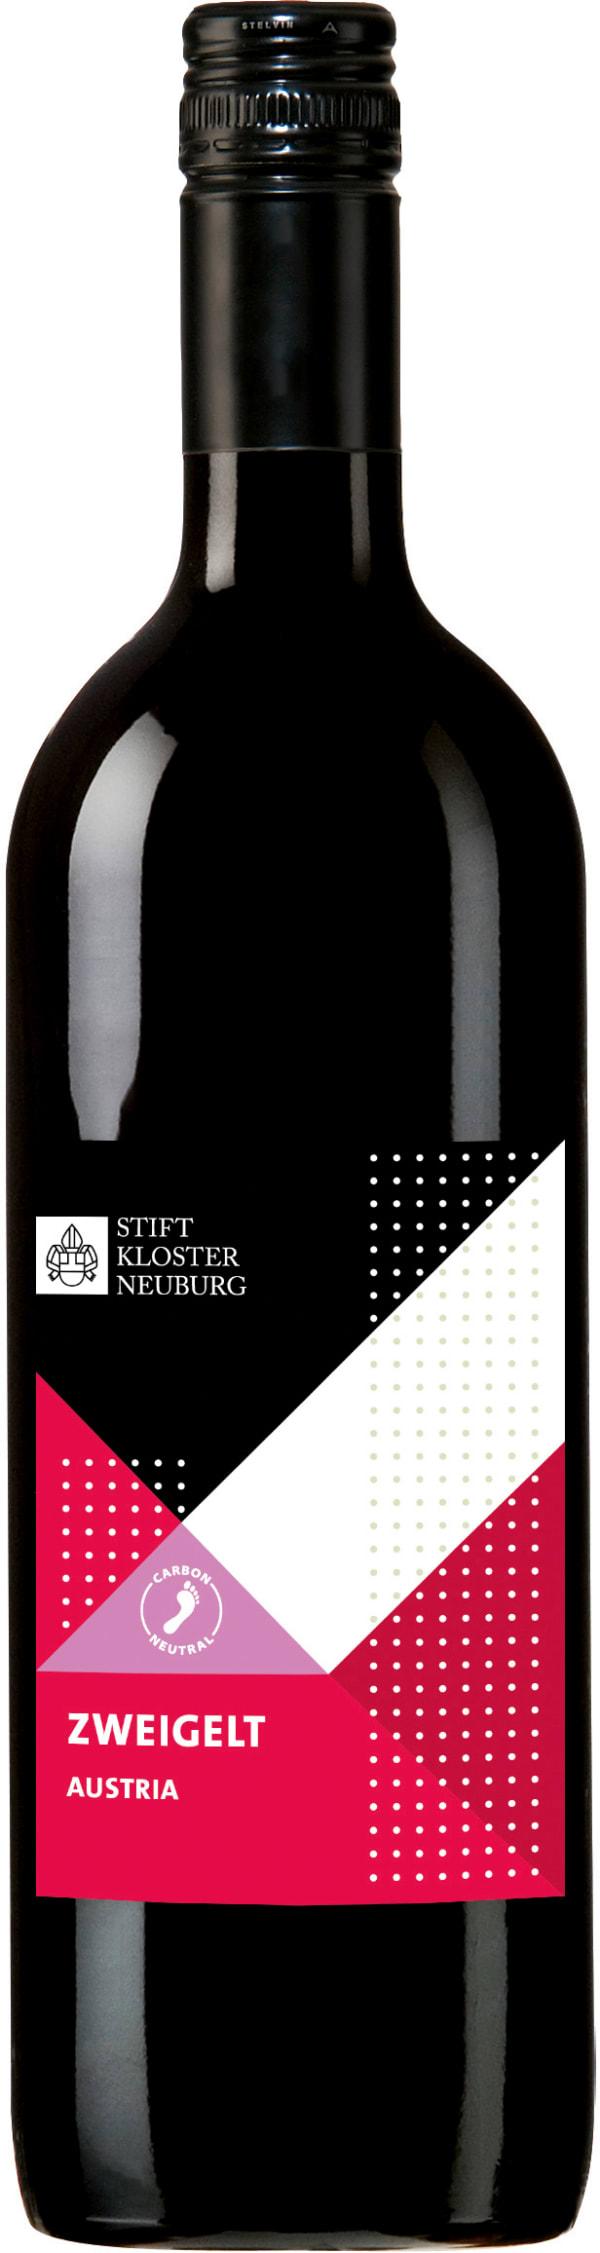 Stiftskellerei Klosterneuburg Zweigelt 2019